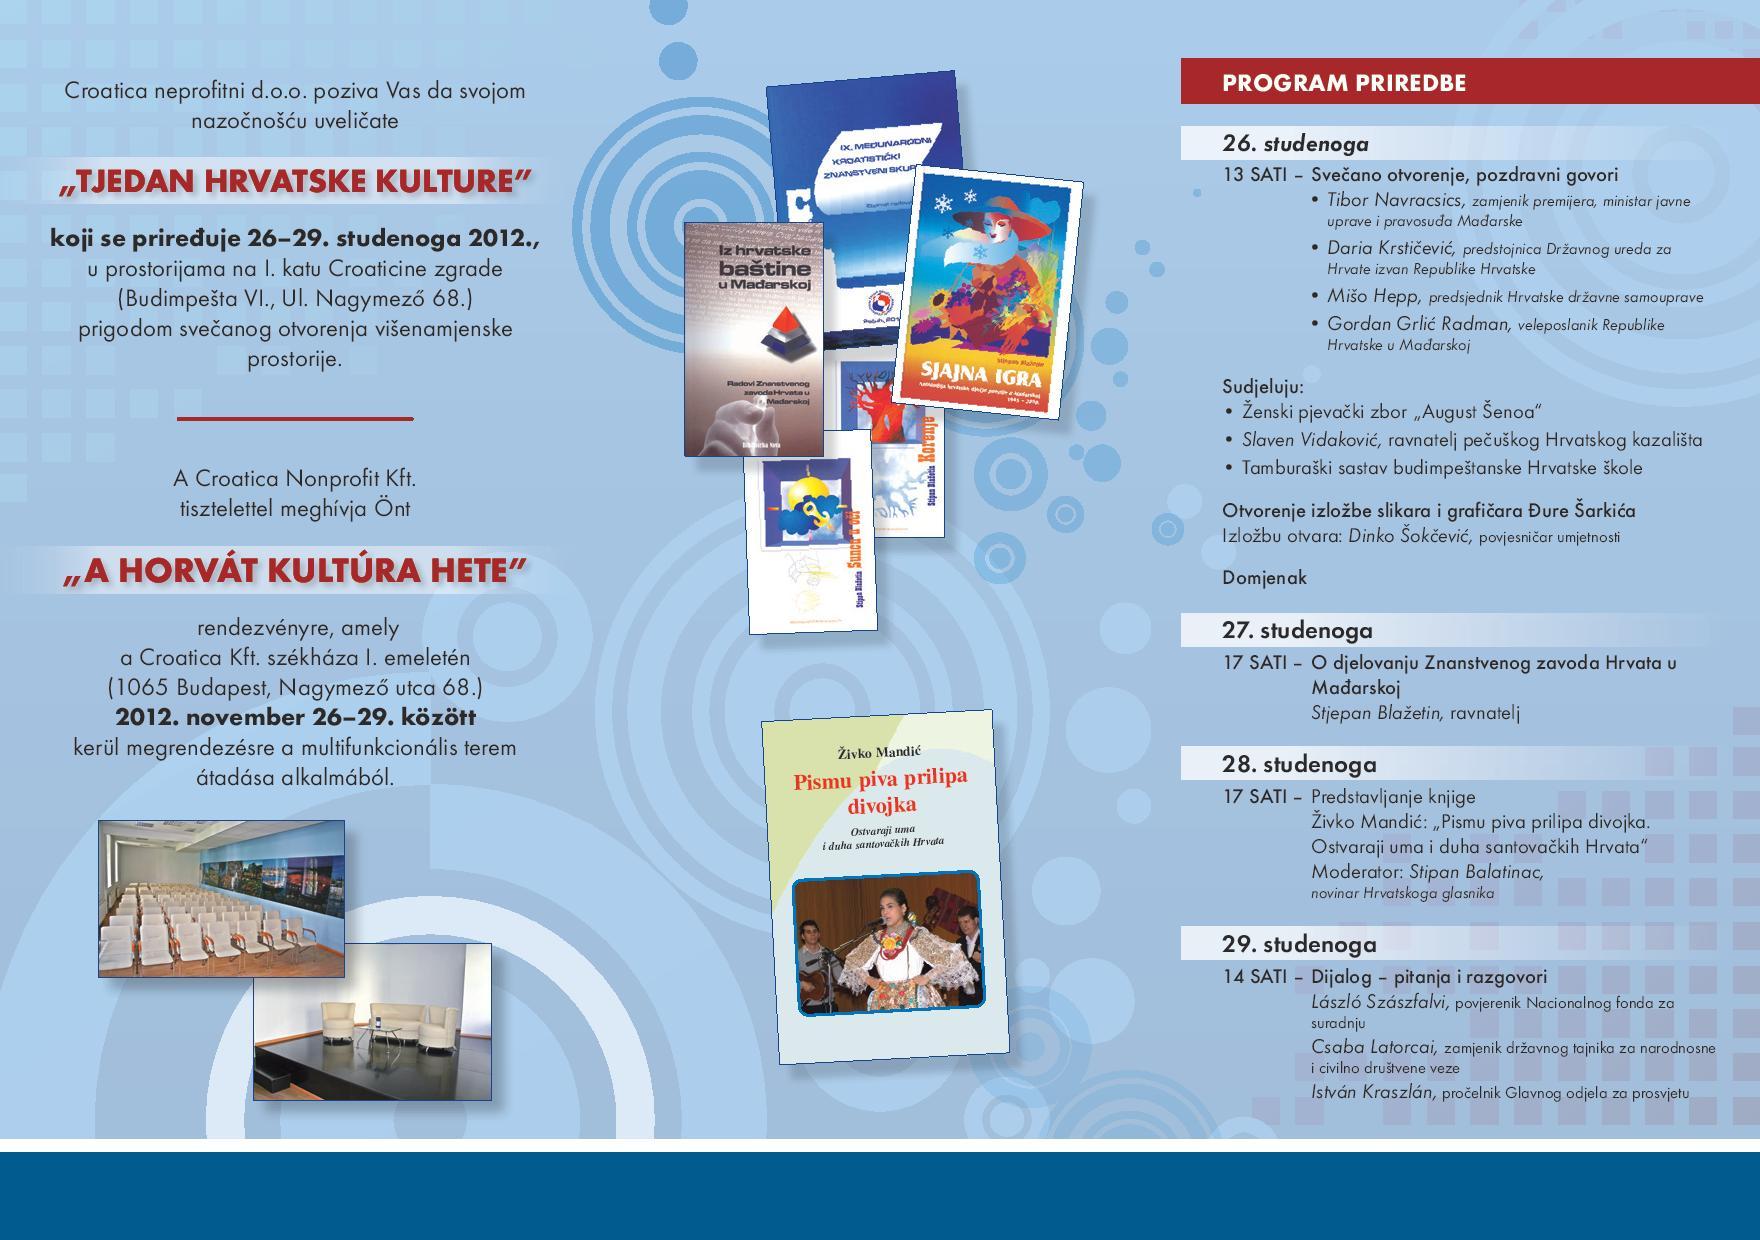 horvat_kultura_hete_pozivnica-page-001_1353526660.jpg_1760x1240